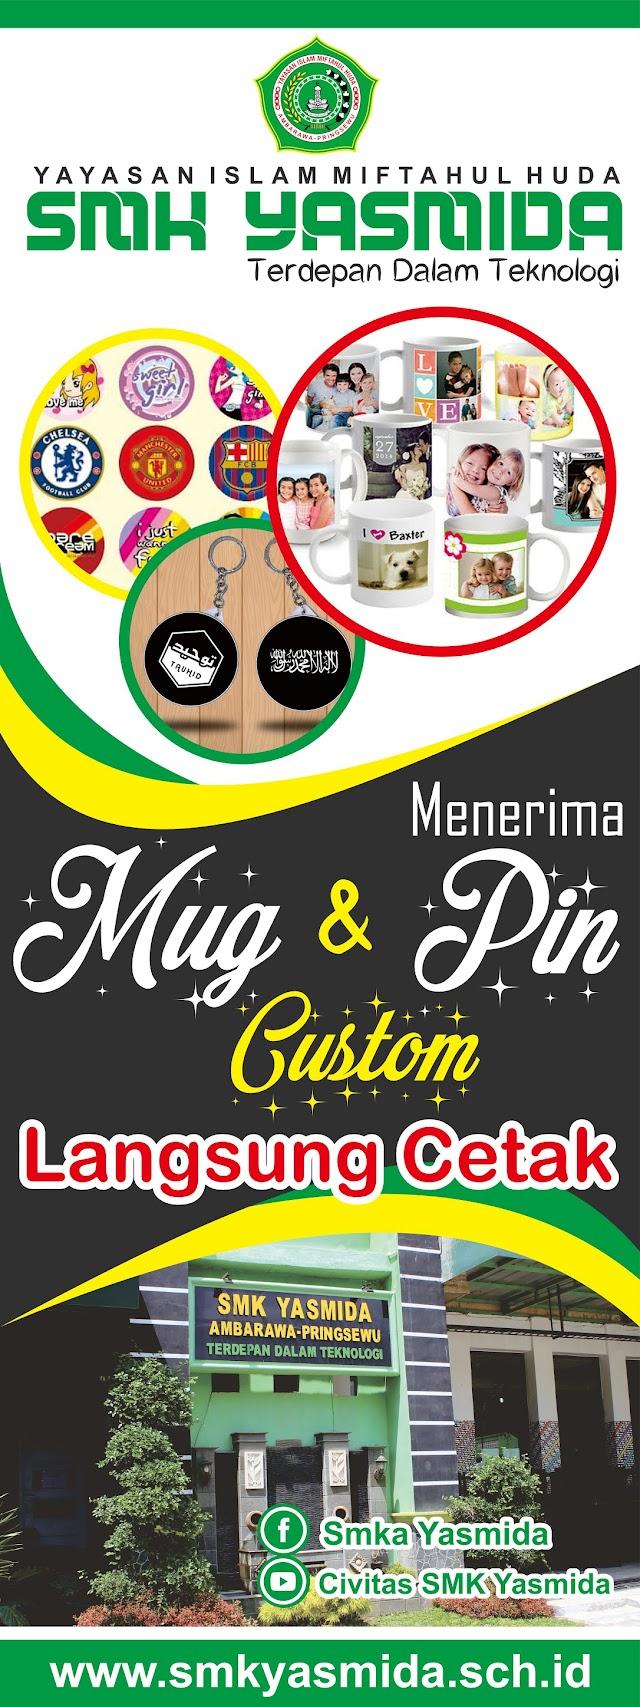 Desain X Banner Stand Mug dan Pin SMK Yasmida Ambarawa